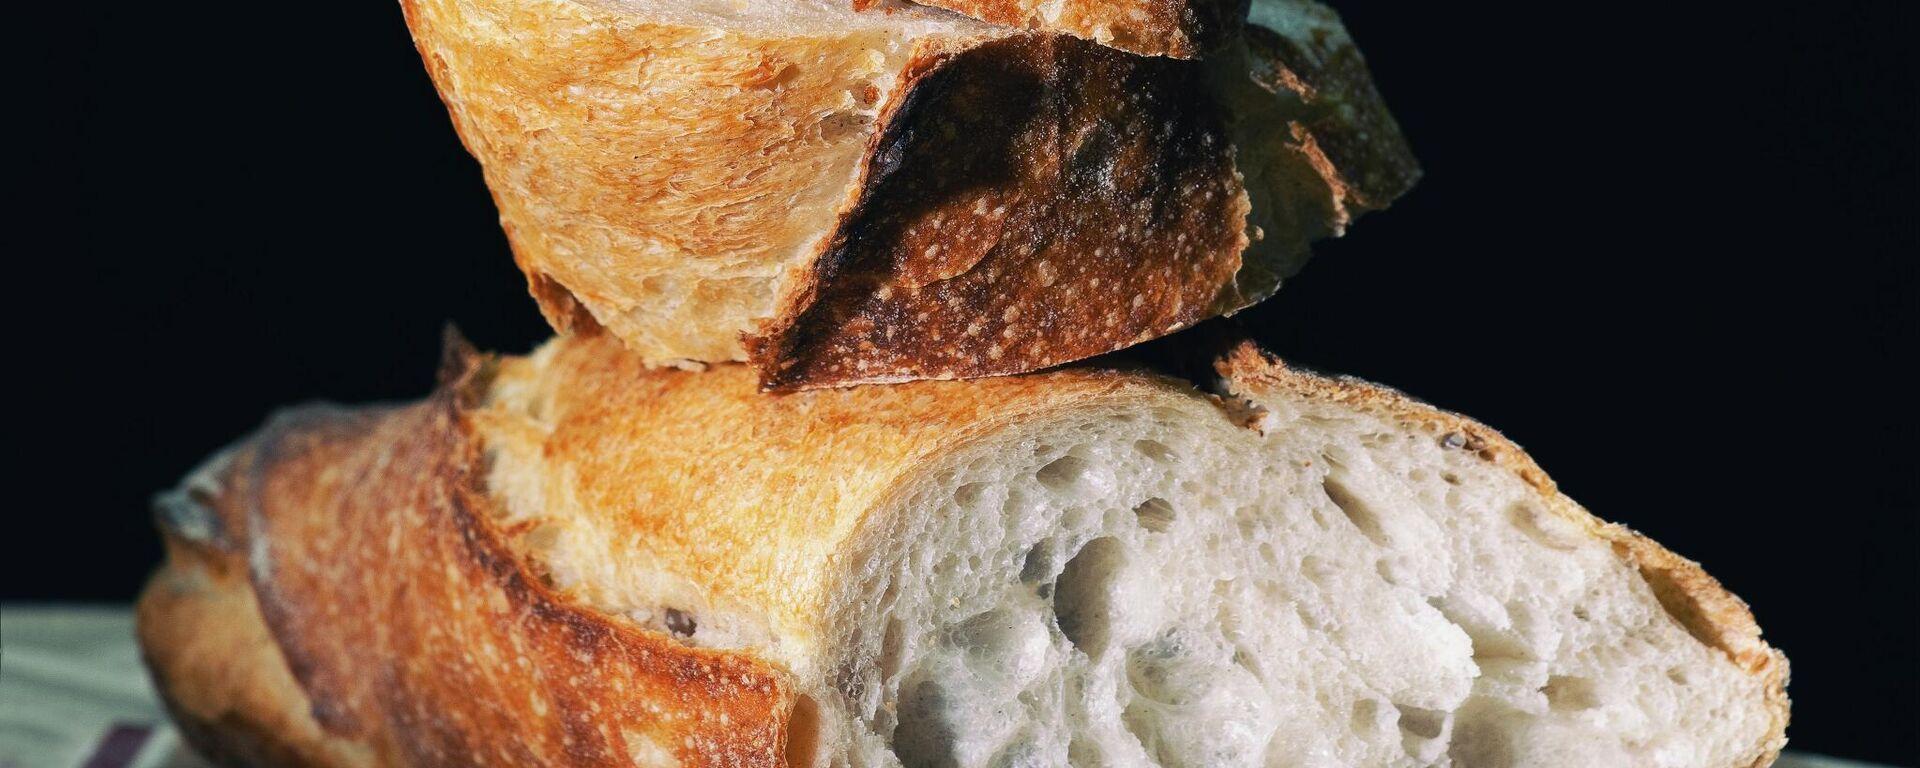 Un pan baguette francés - Sputnik Mundo, 1920, 06.08.2021